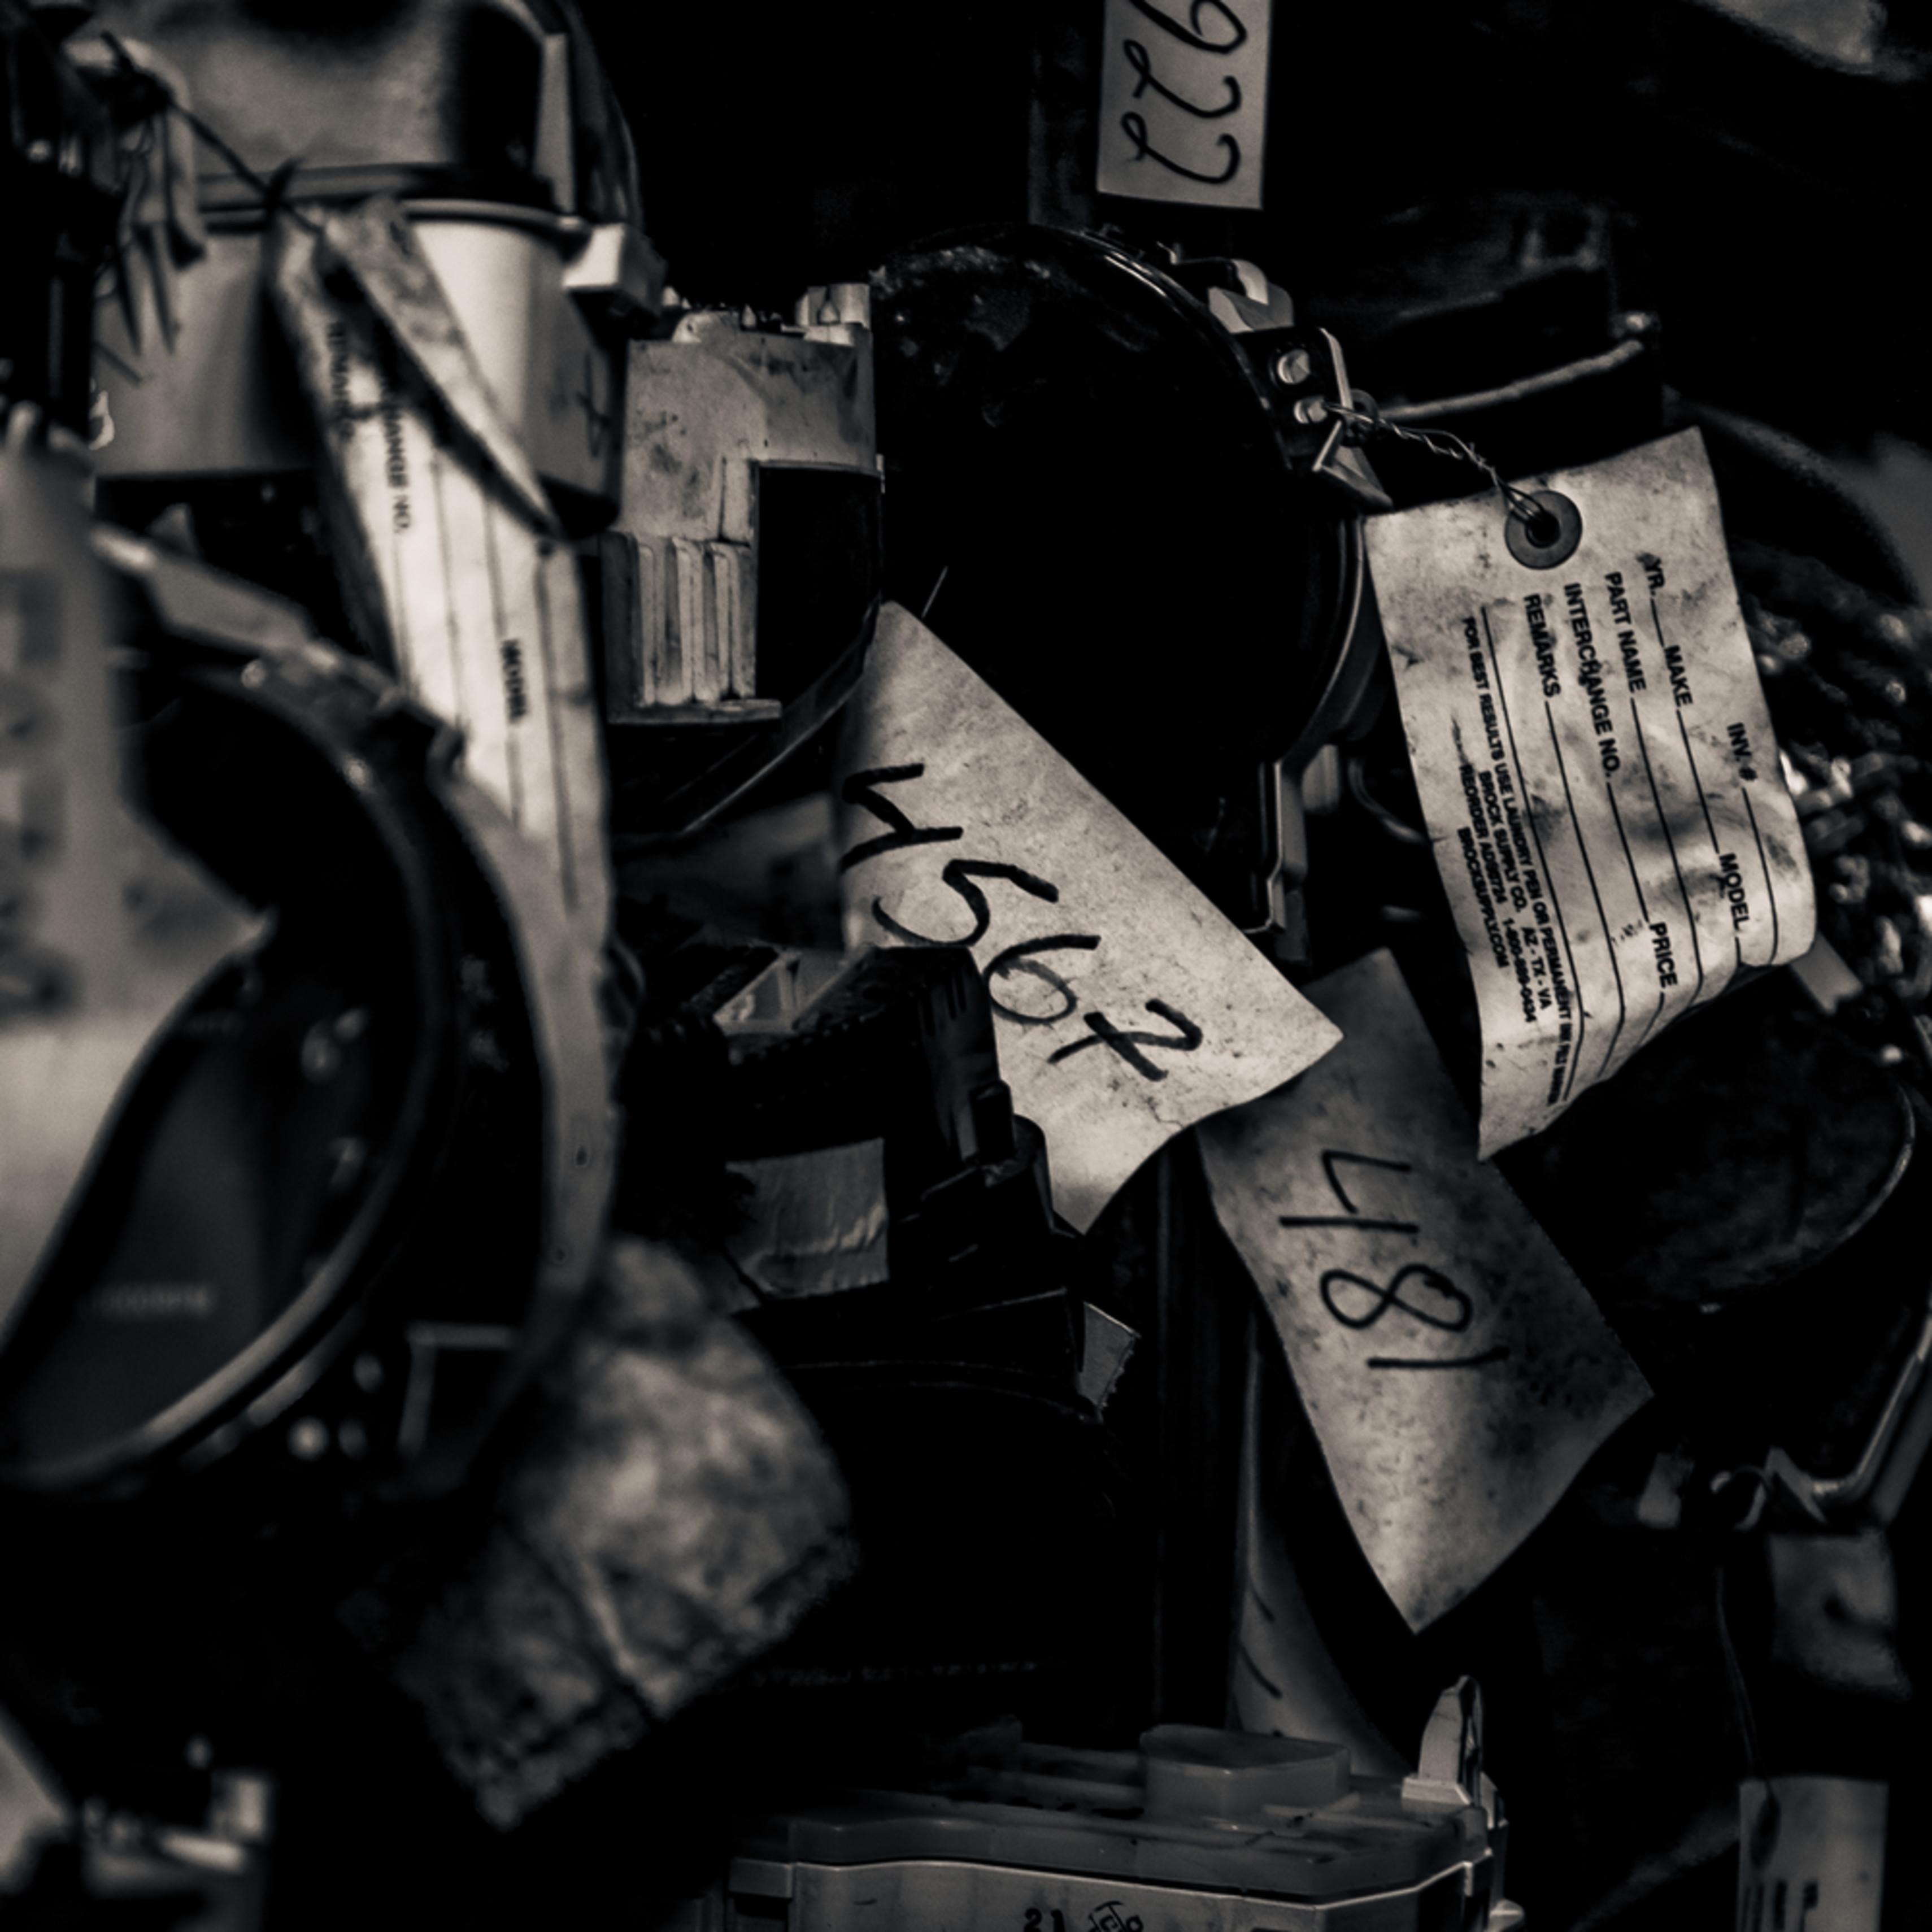 Scrap yard labels j3ou7r